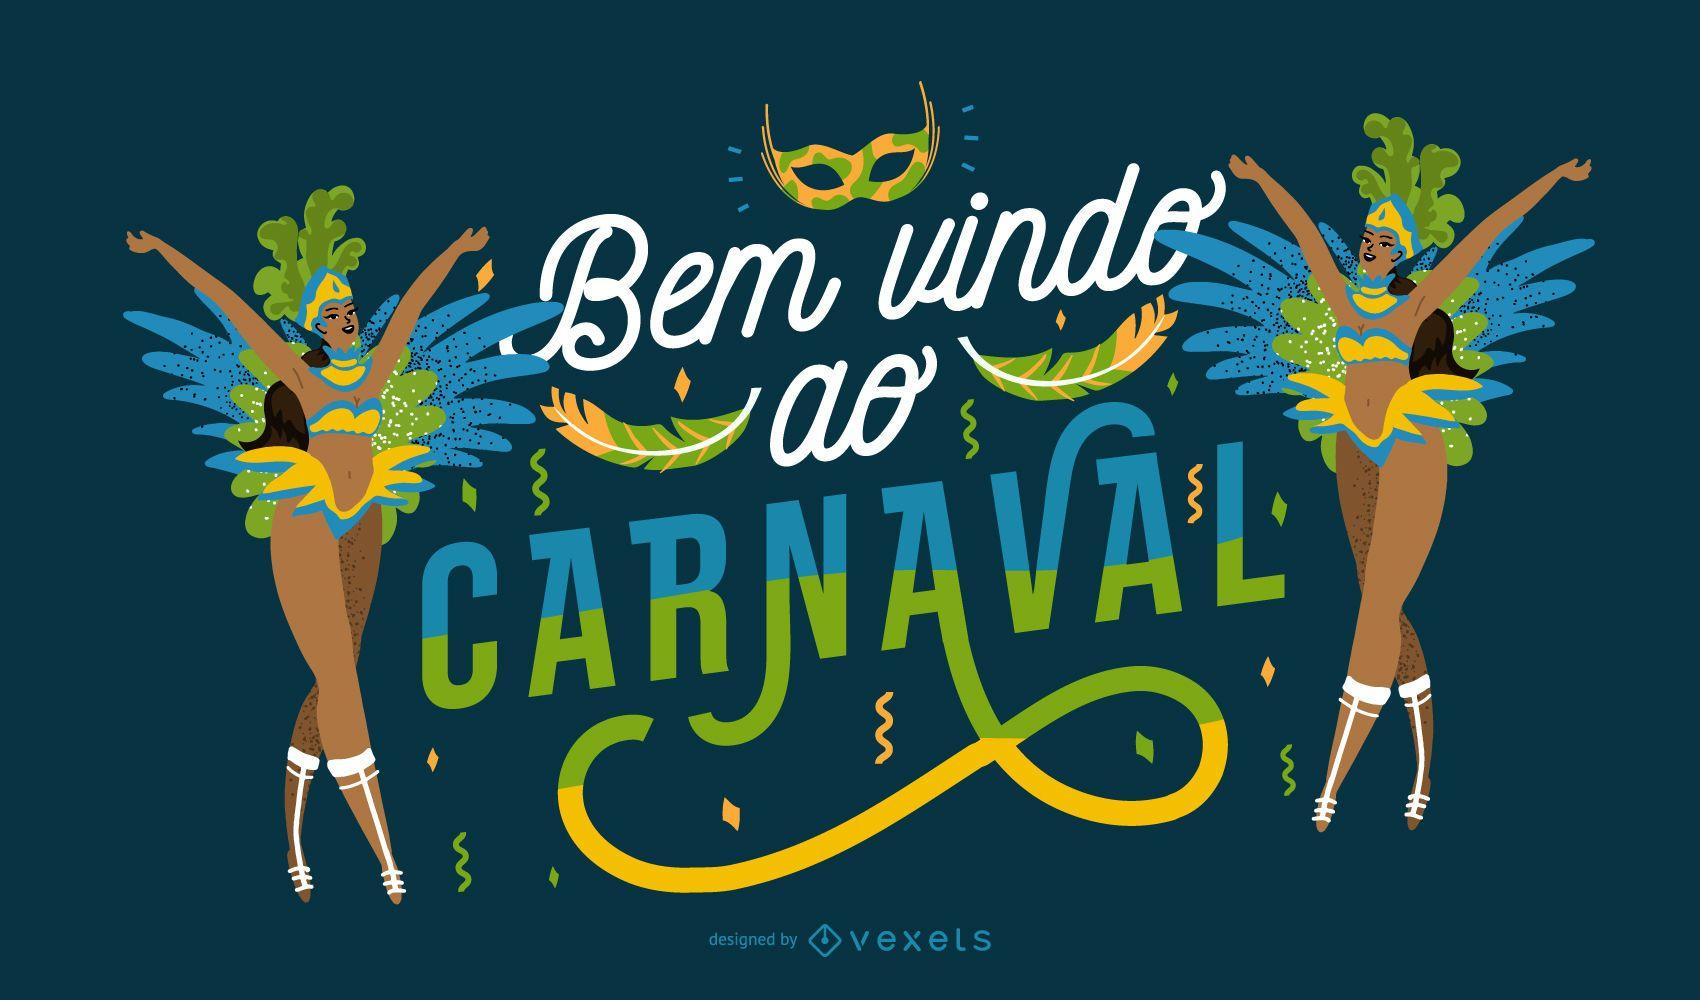 Welcome to Carnival Portuguese Quote Design